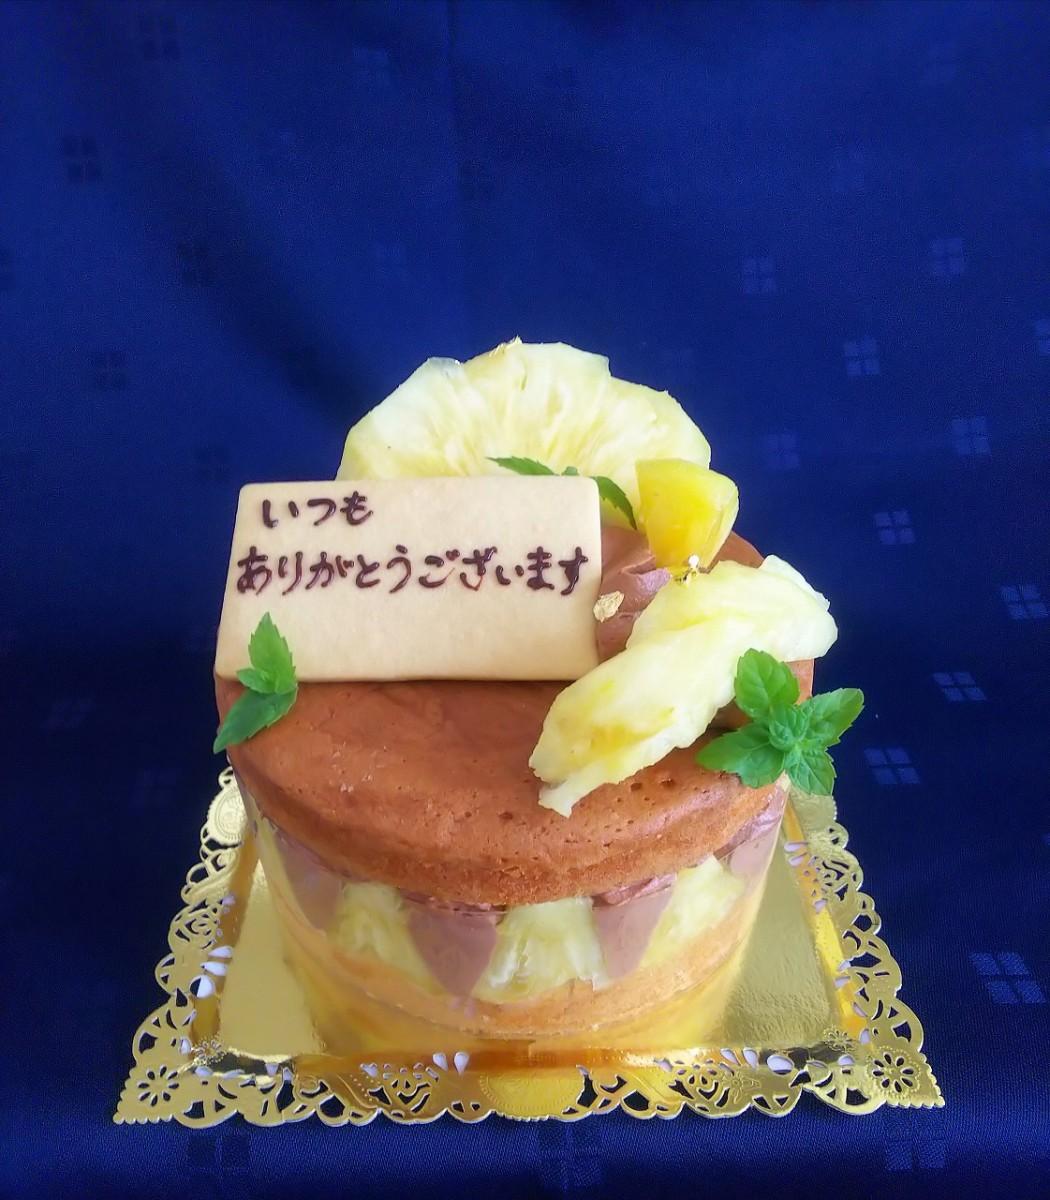 父の日のために「感謝のケーキ」(非売品)